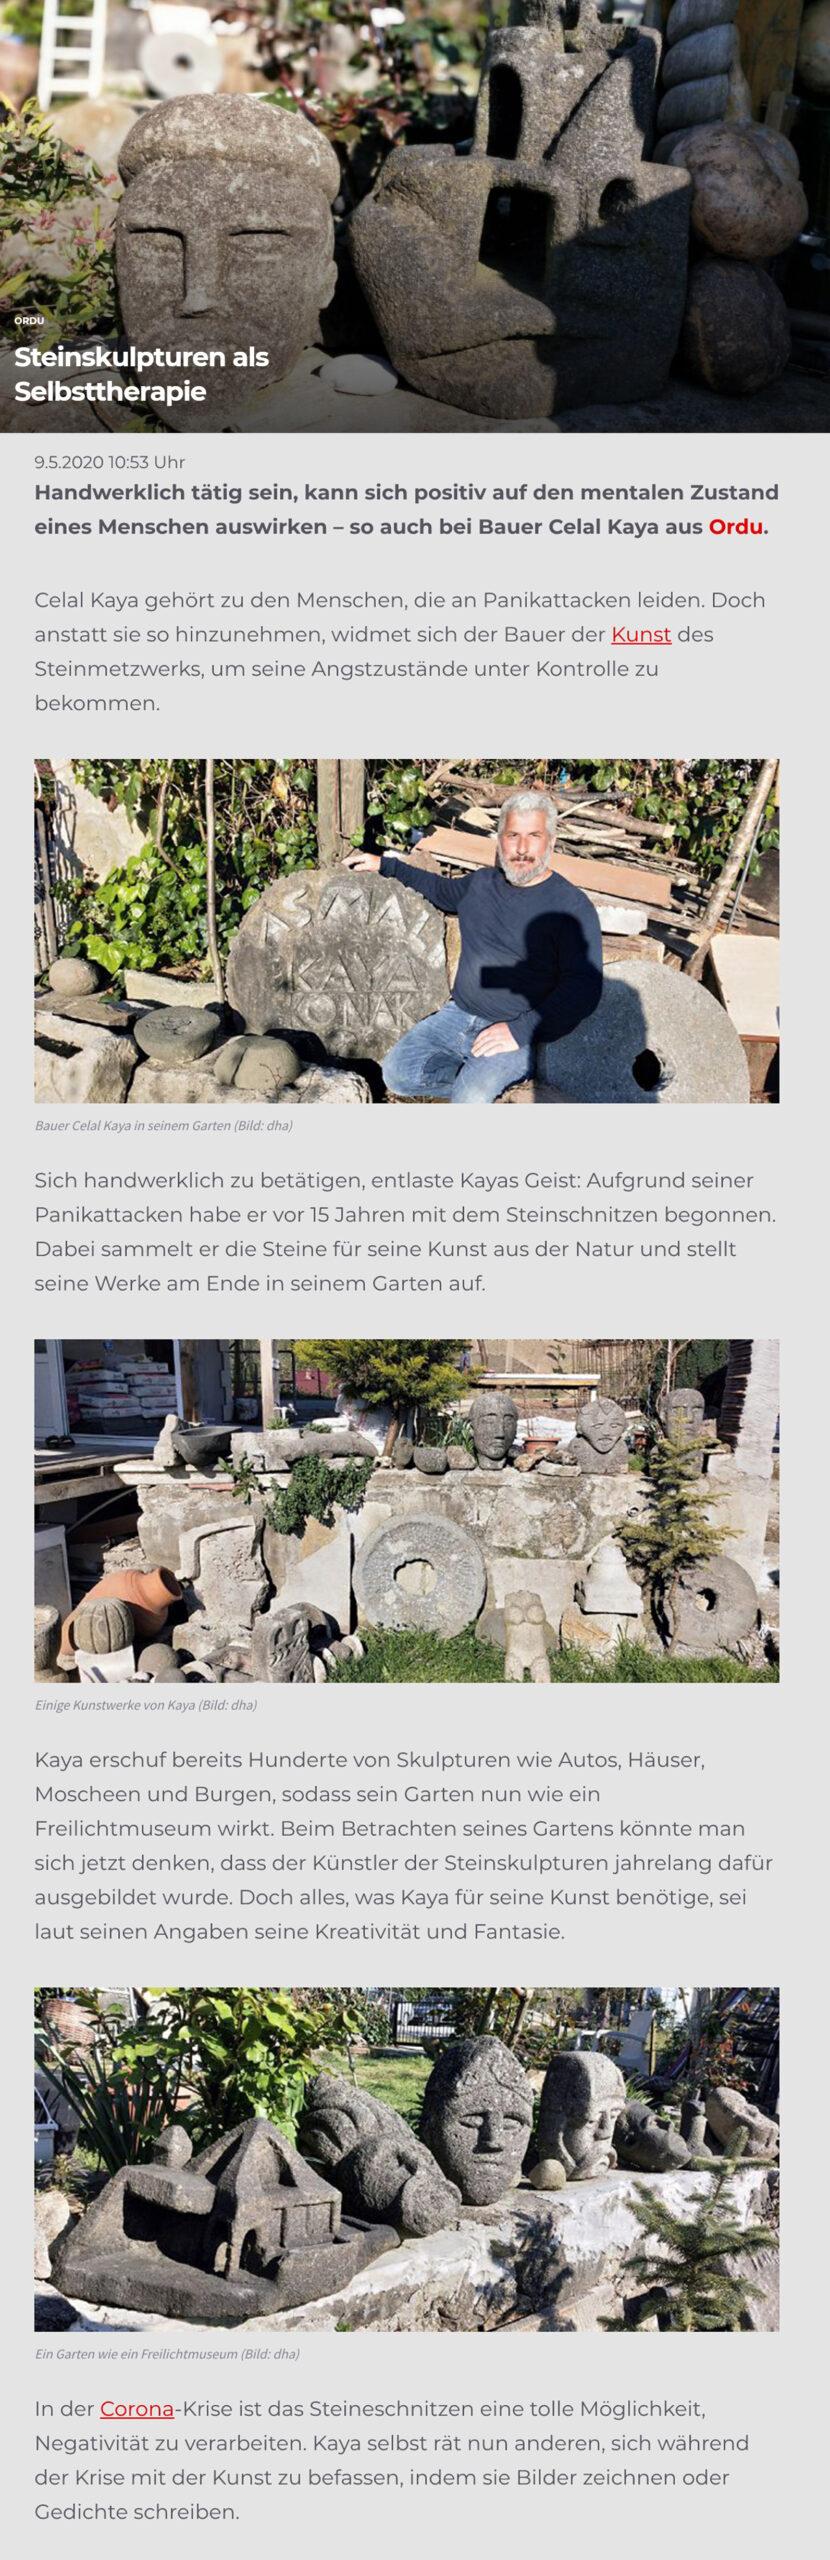 Artikel Steinskulpturen als Selbsttherapie - Hürriyet.de - Lifestyle